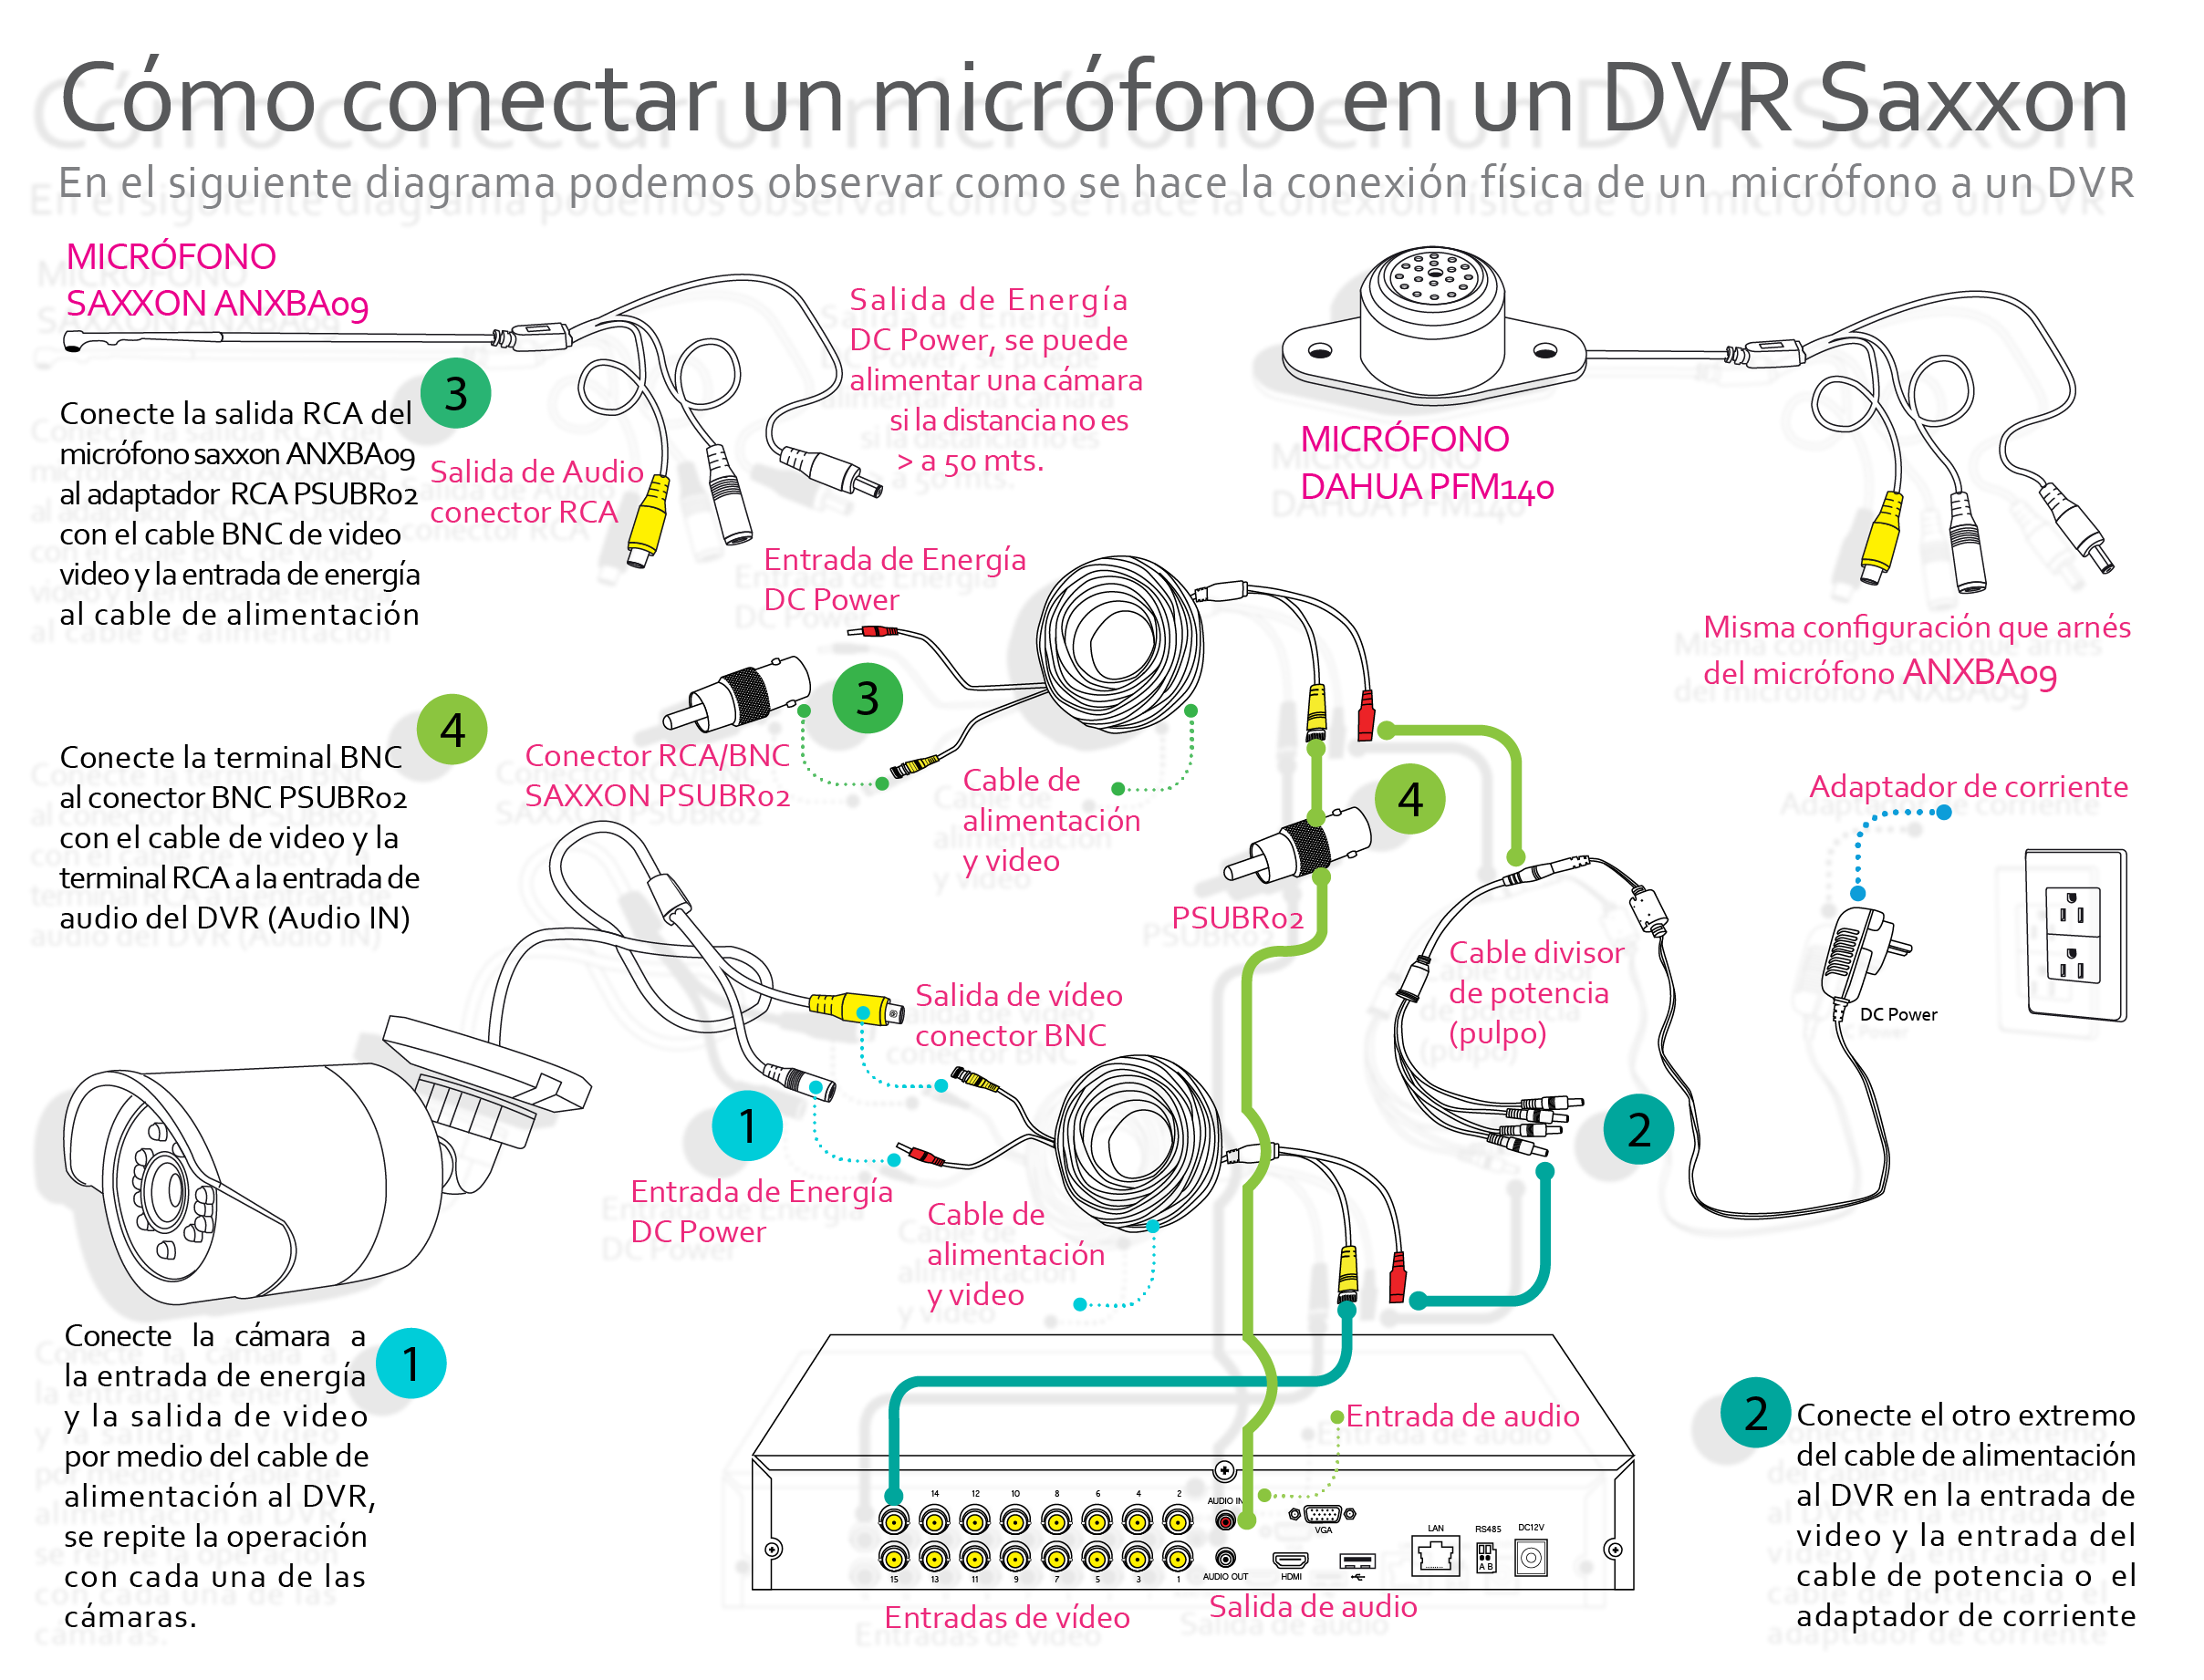 Conexión de Microfono en DVR